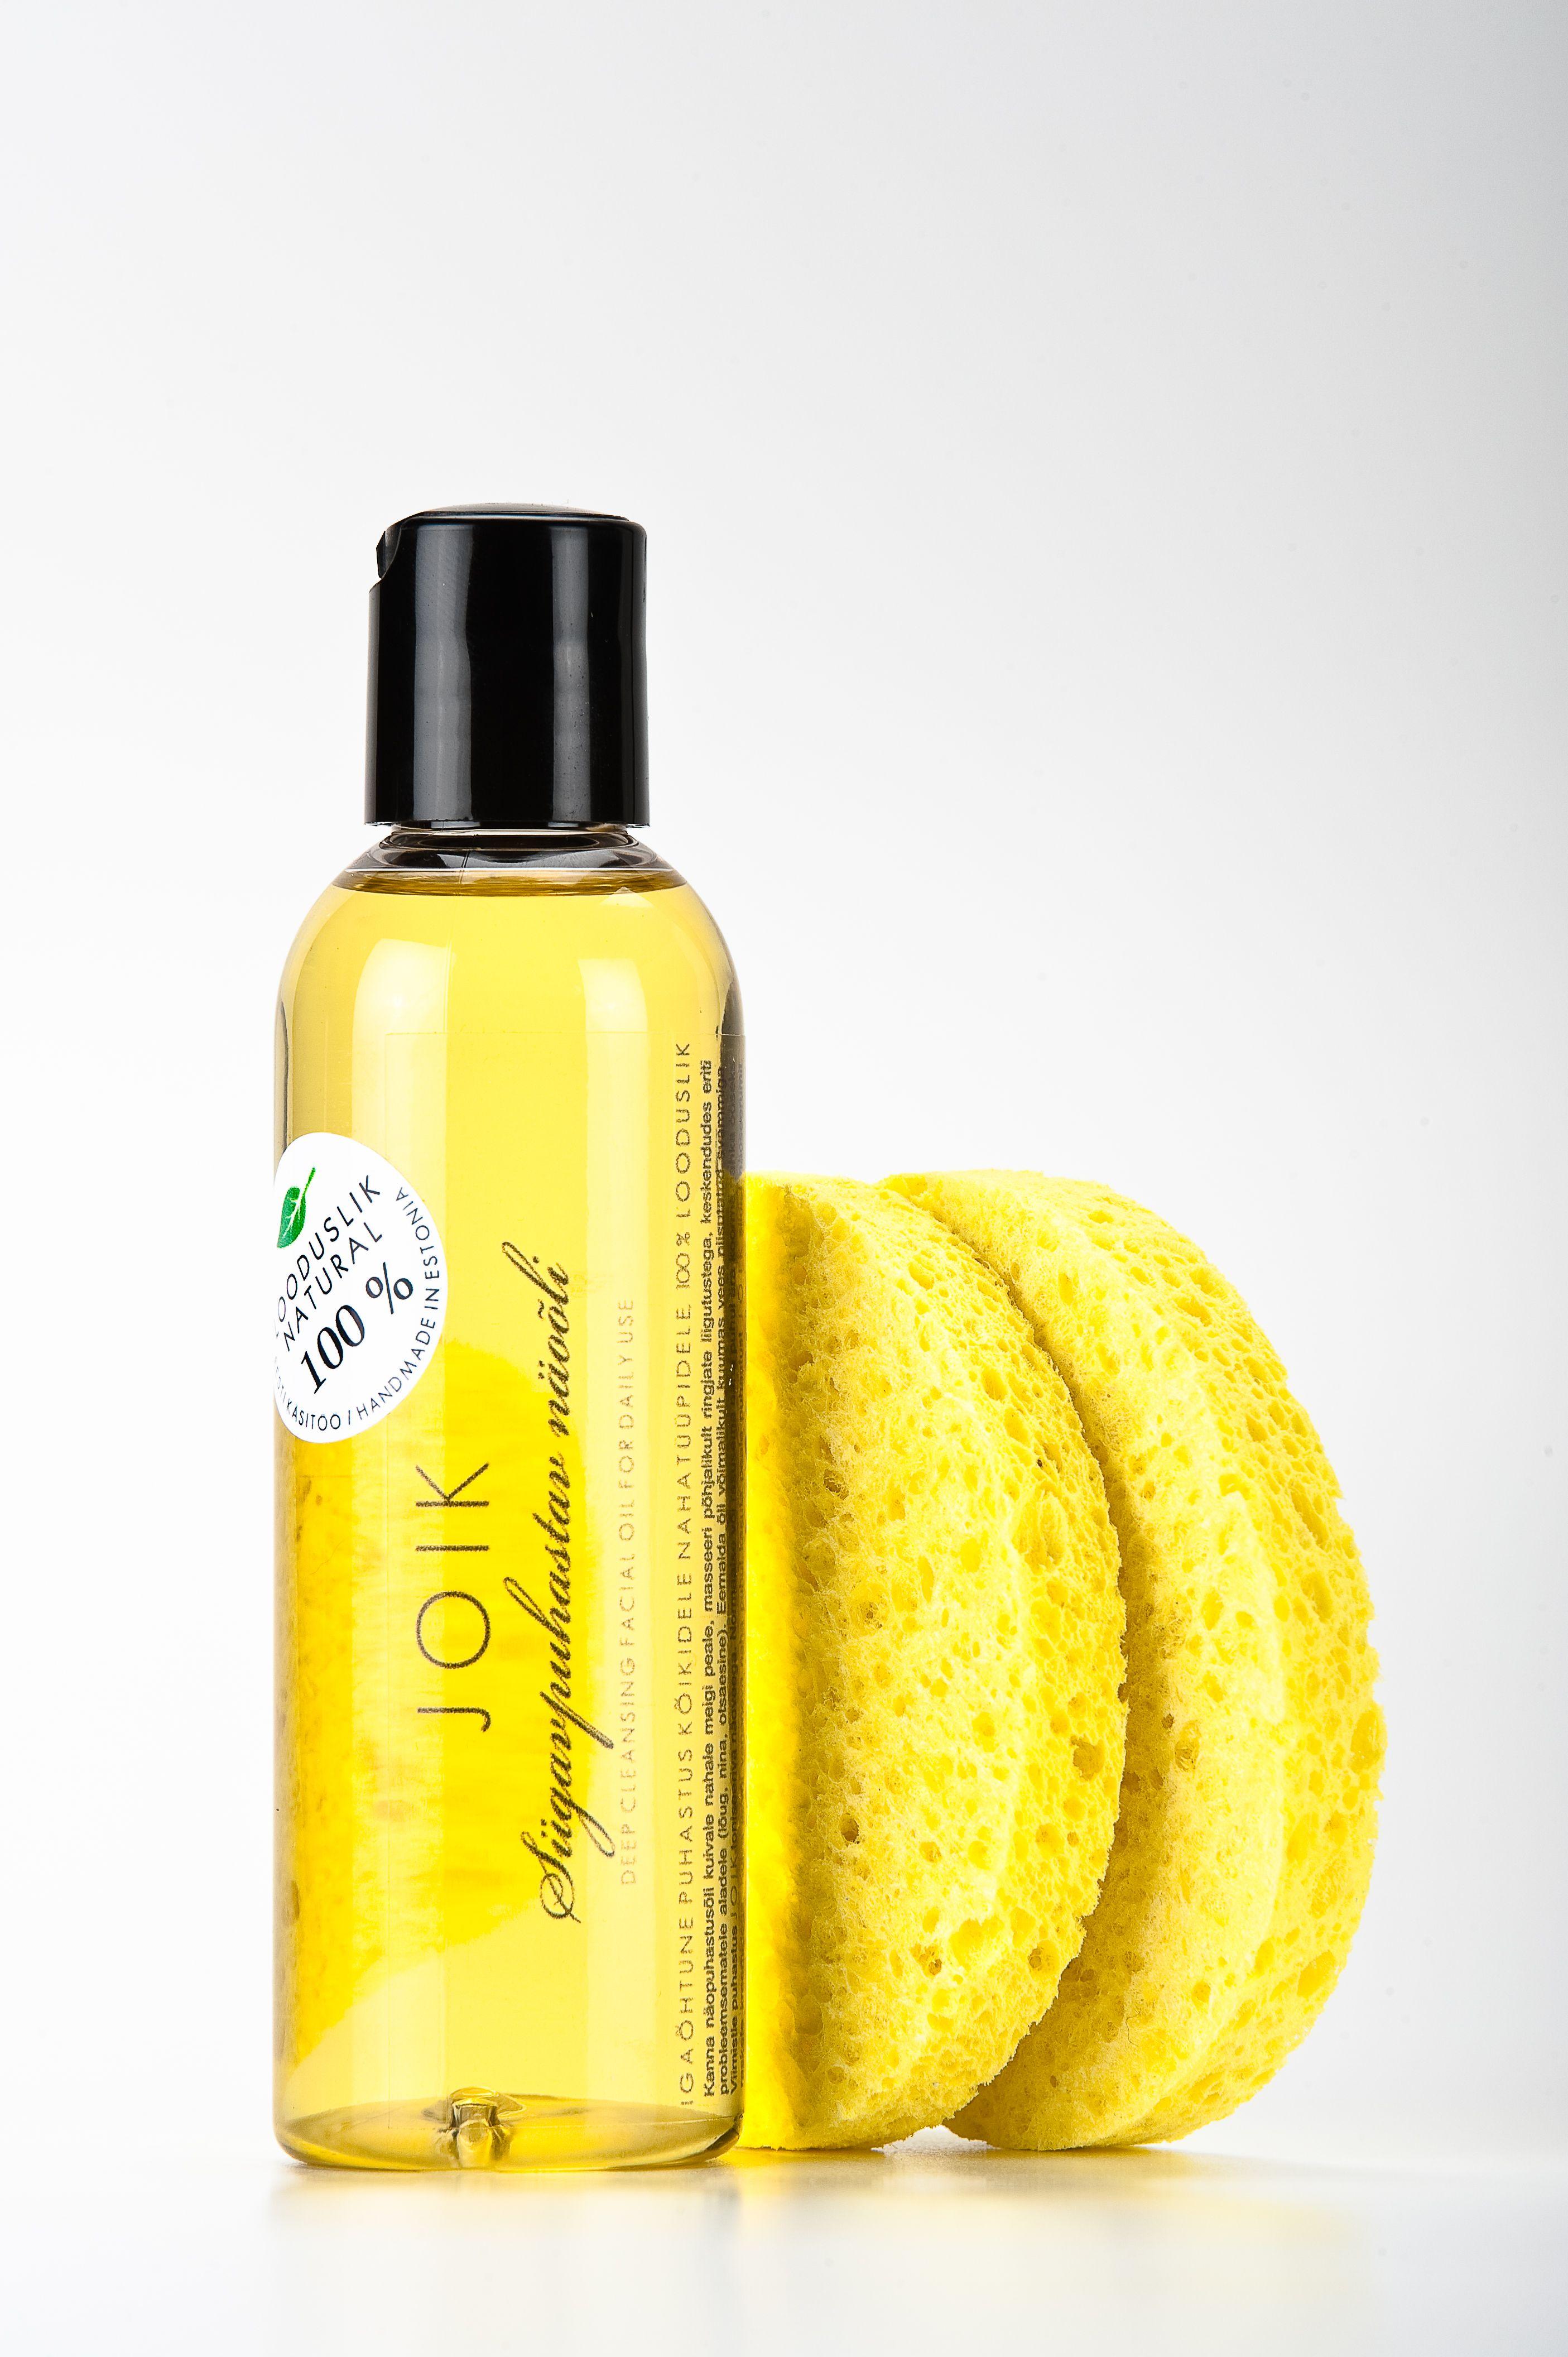 JOIKin kasvoöljy puhdistaa ihon tehokkaasti, mutta kuitenkin hellävaraisesti häiritsemättä ihon omaa luonnollista tasapainoa ja rytmiä. http://verkkokauppa.radicalepil.fi/epages/radicalepilkauppa.sf/fi_FI/?ObjectPath=/Shops/2014110503/Products/1064